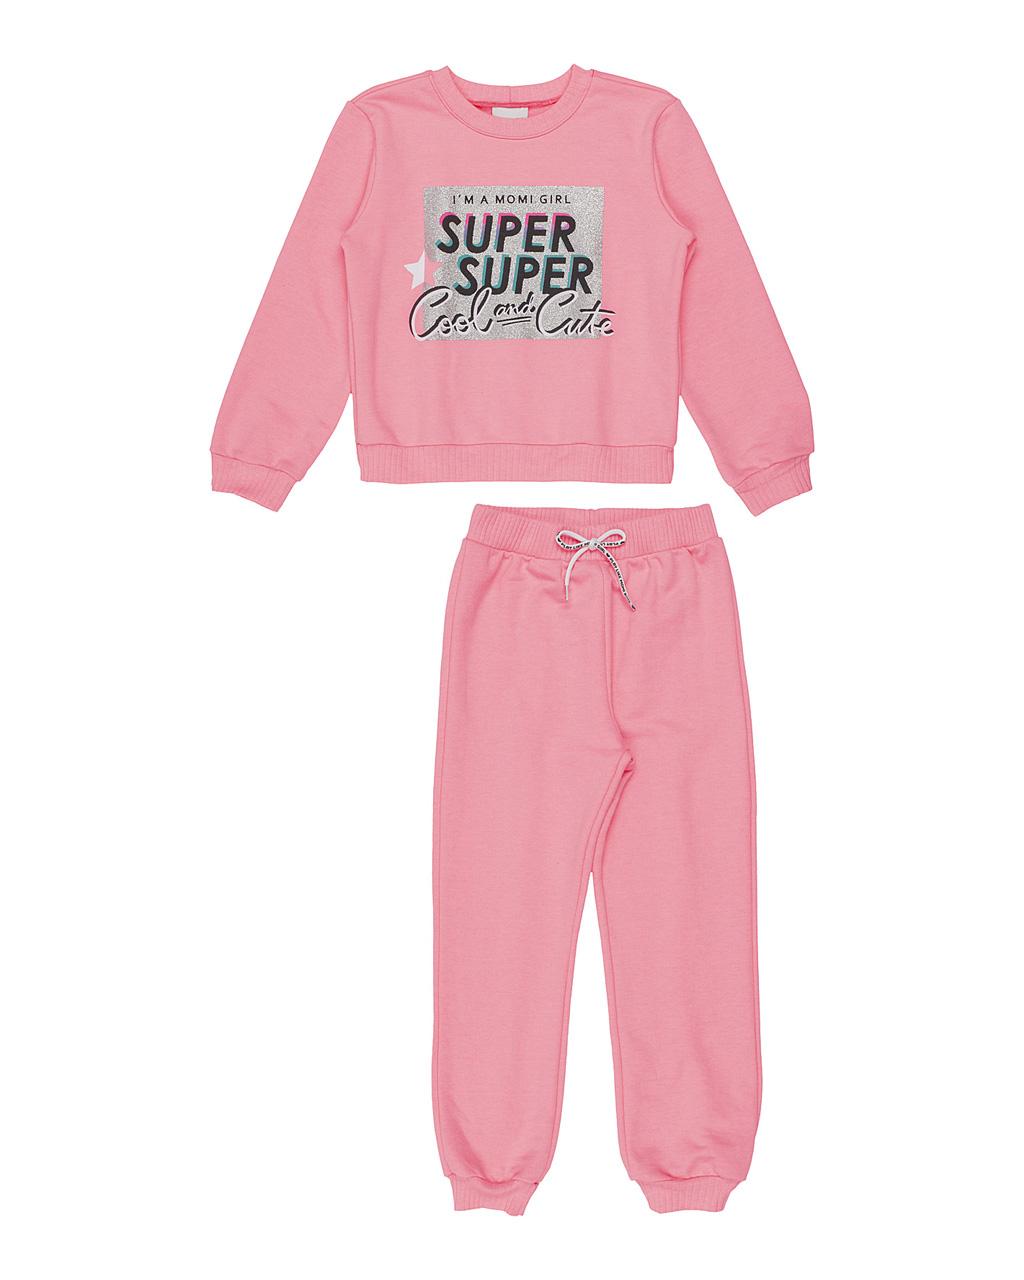 Conjunto Infantil Blusa Moletom Arte Super Cool Neon E Jogger Rosa Neon Momi